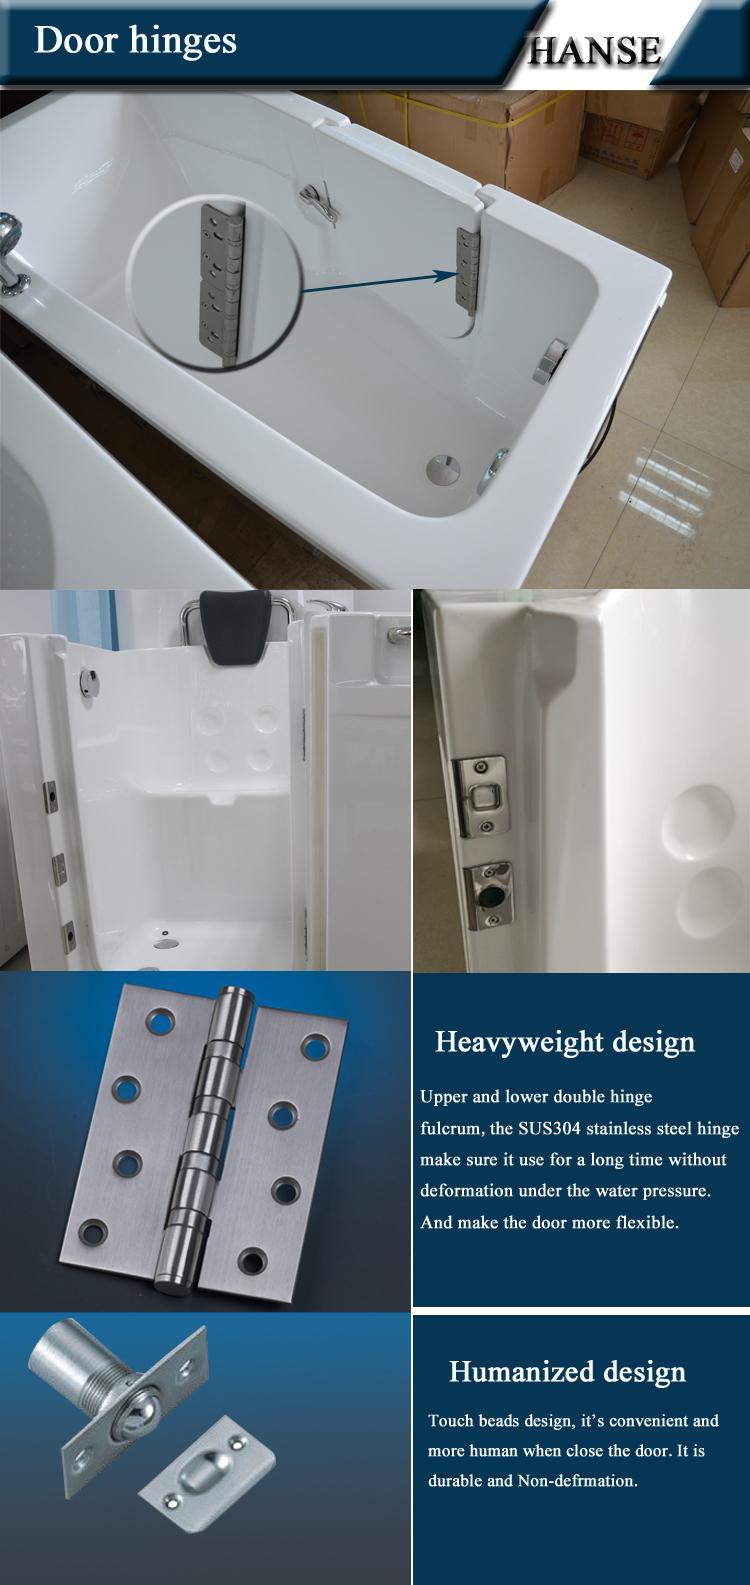 Hs B1108b One Piece Bathtub Shower Walk In Bathtub Shower Combo With Shower Door Buy Walk In Bathtub Shower Combo Walk In Bathtub With Shower